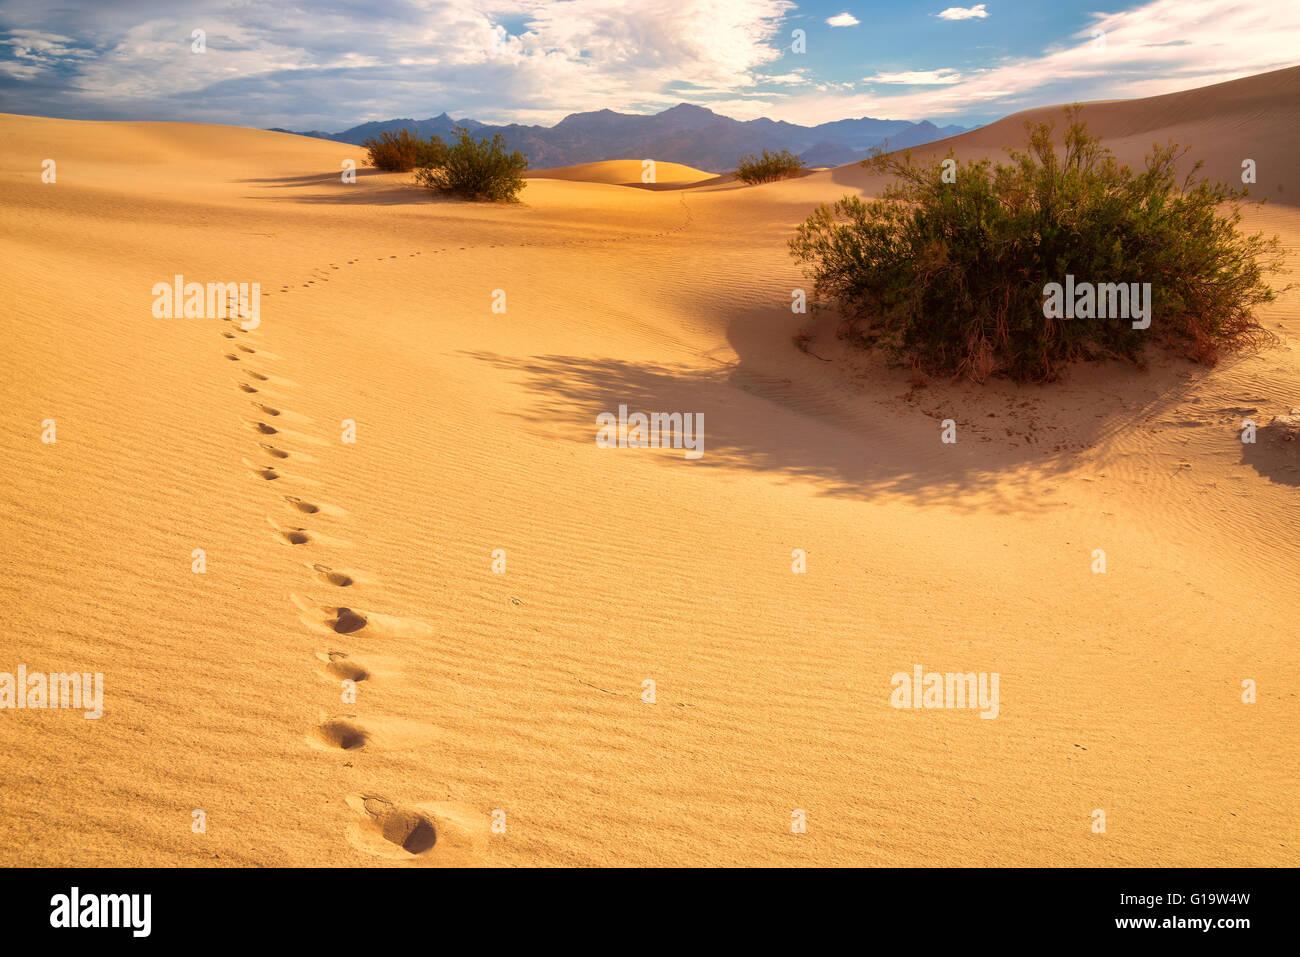 Empreintes de pas sur le sable dans le désert Banque D'Images